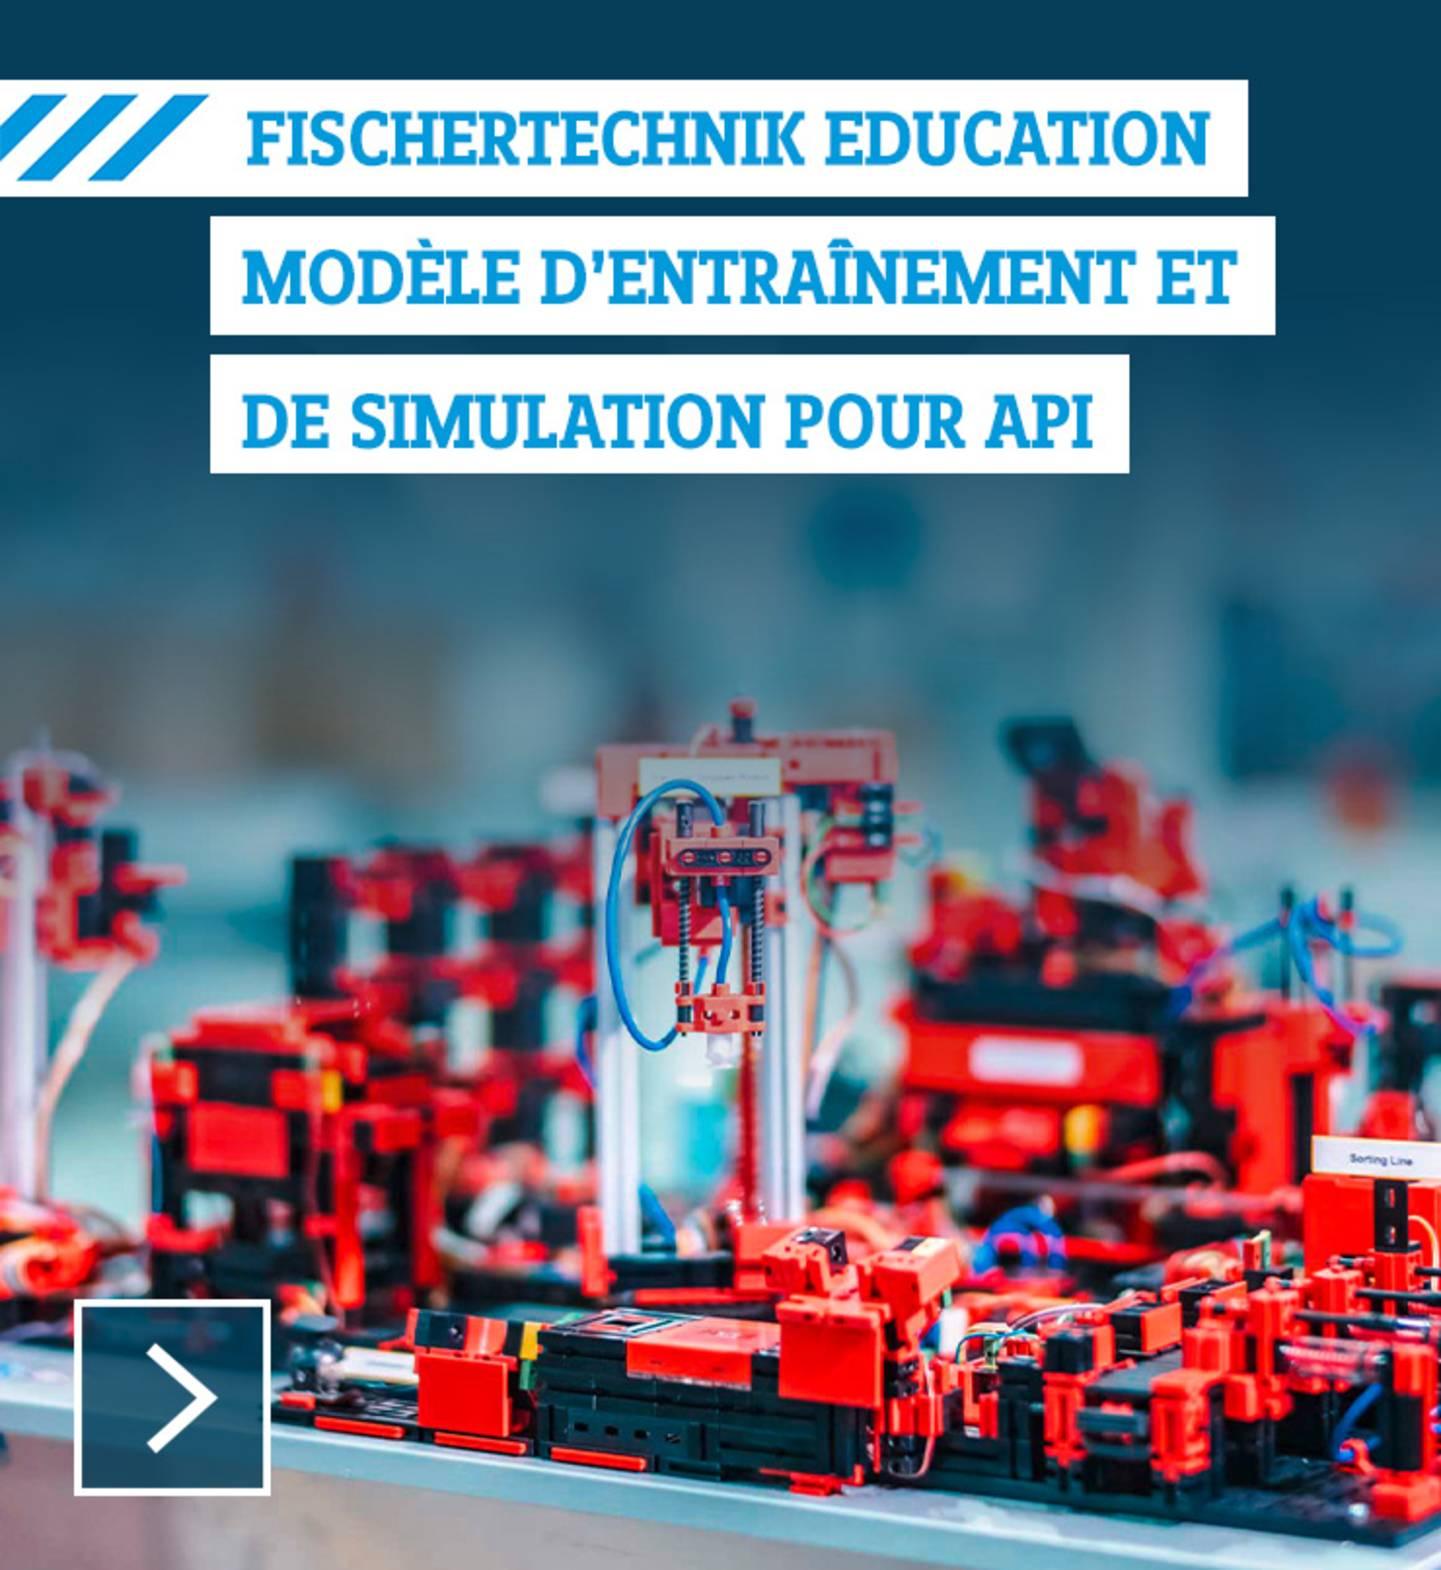 Fischertechnik Education - Lernfabrik 4.0 »